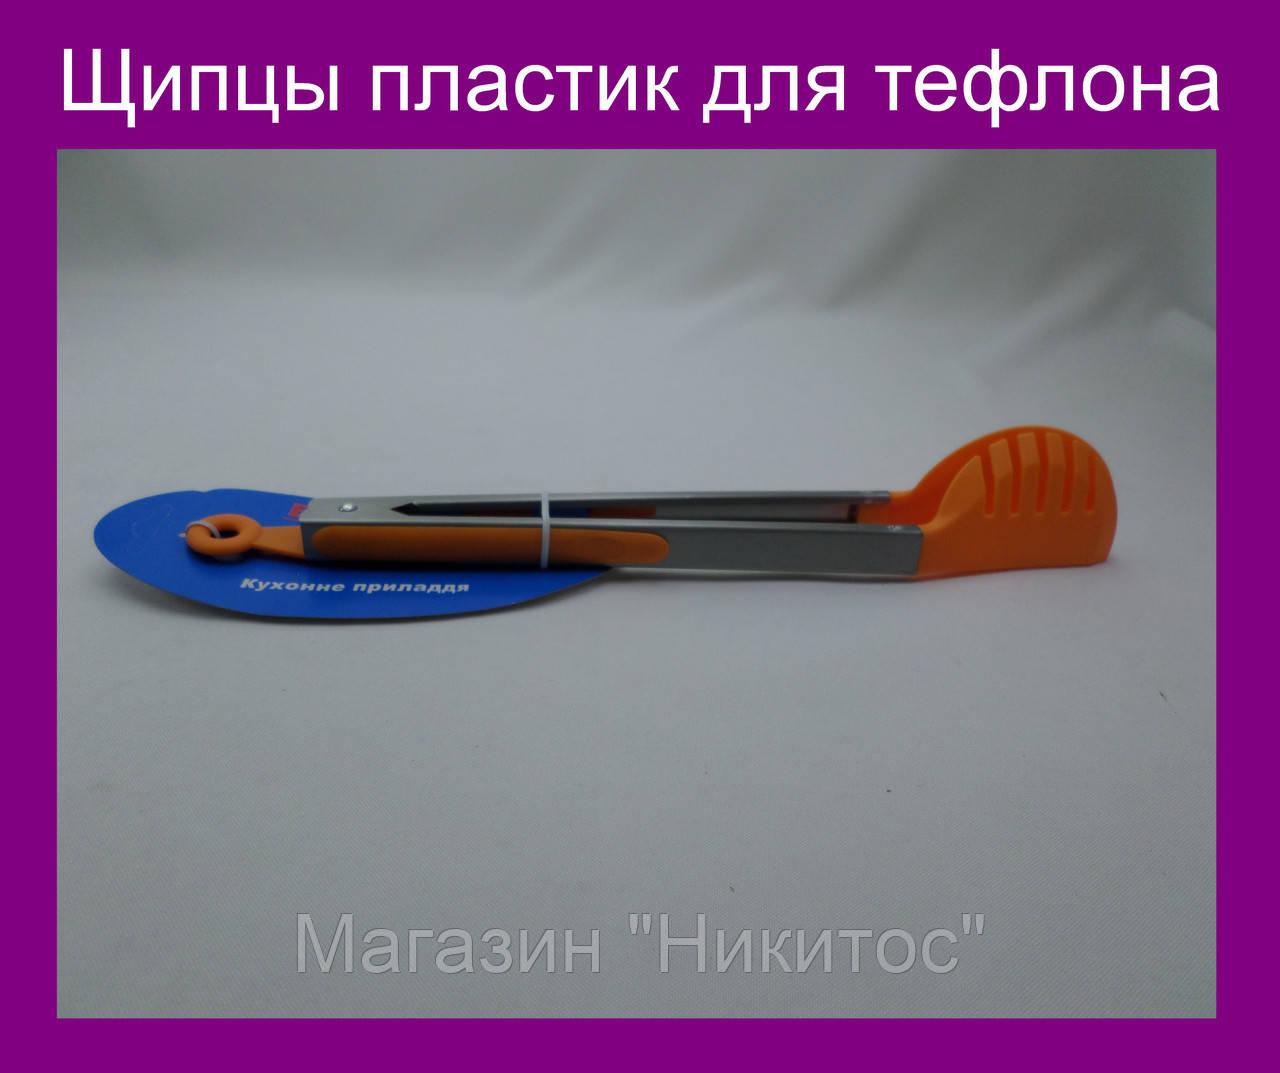 """Щипцы пластик для тефлона!Опт - Магазин """"Никитос"""" в Одессе"""